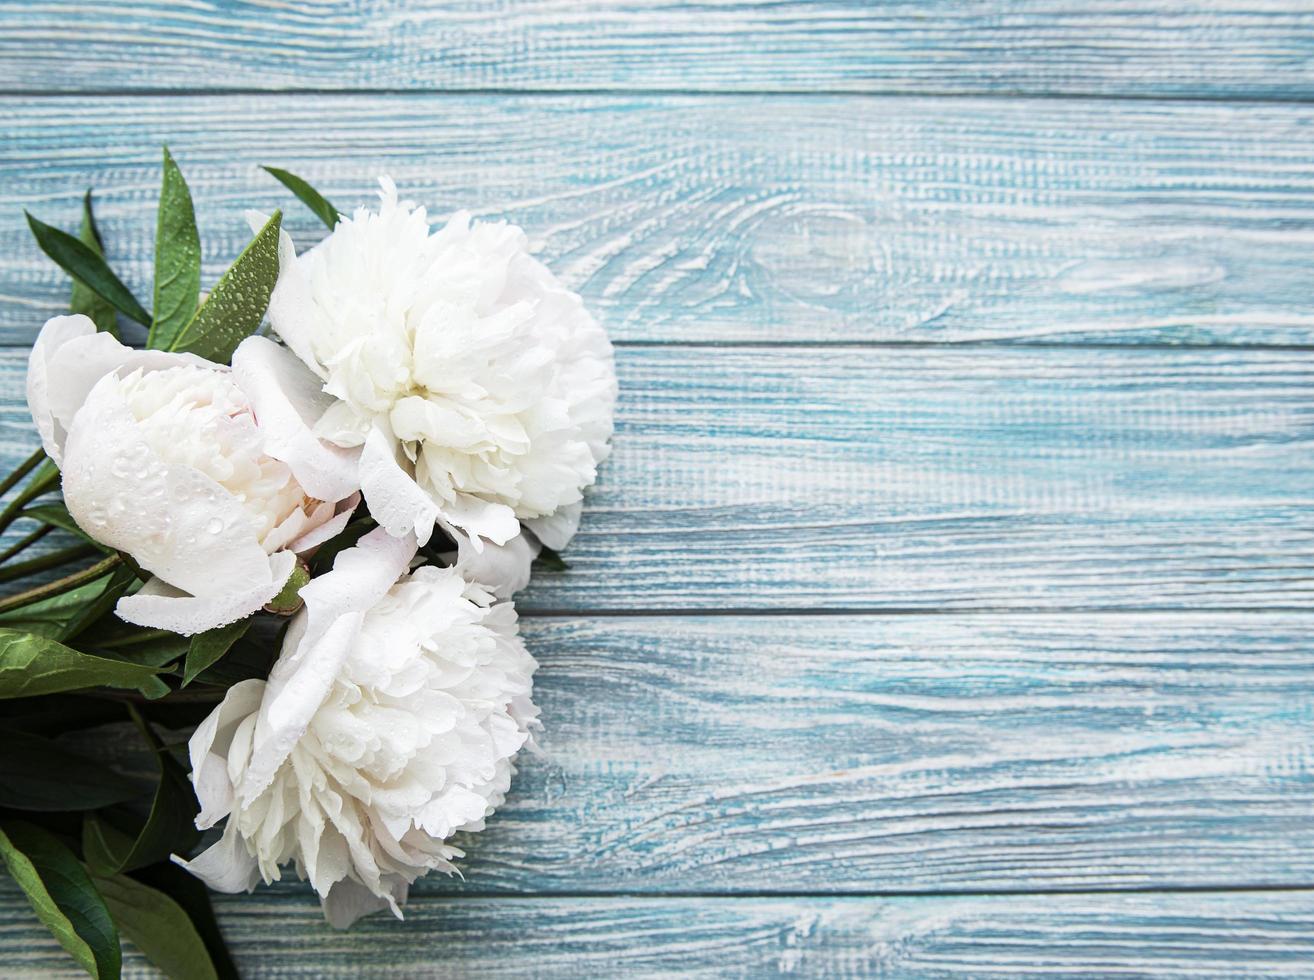 fiori di peonia su uno sfondo di legno blu foto